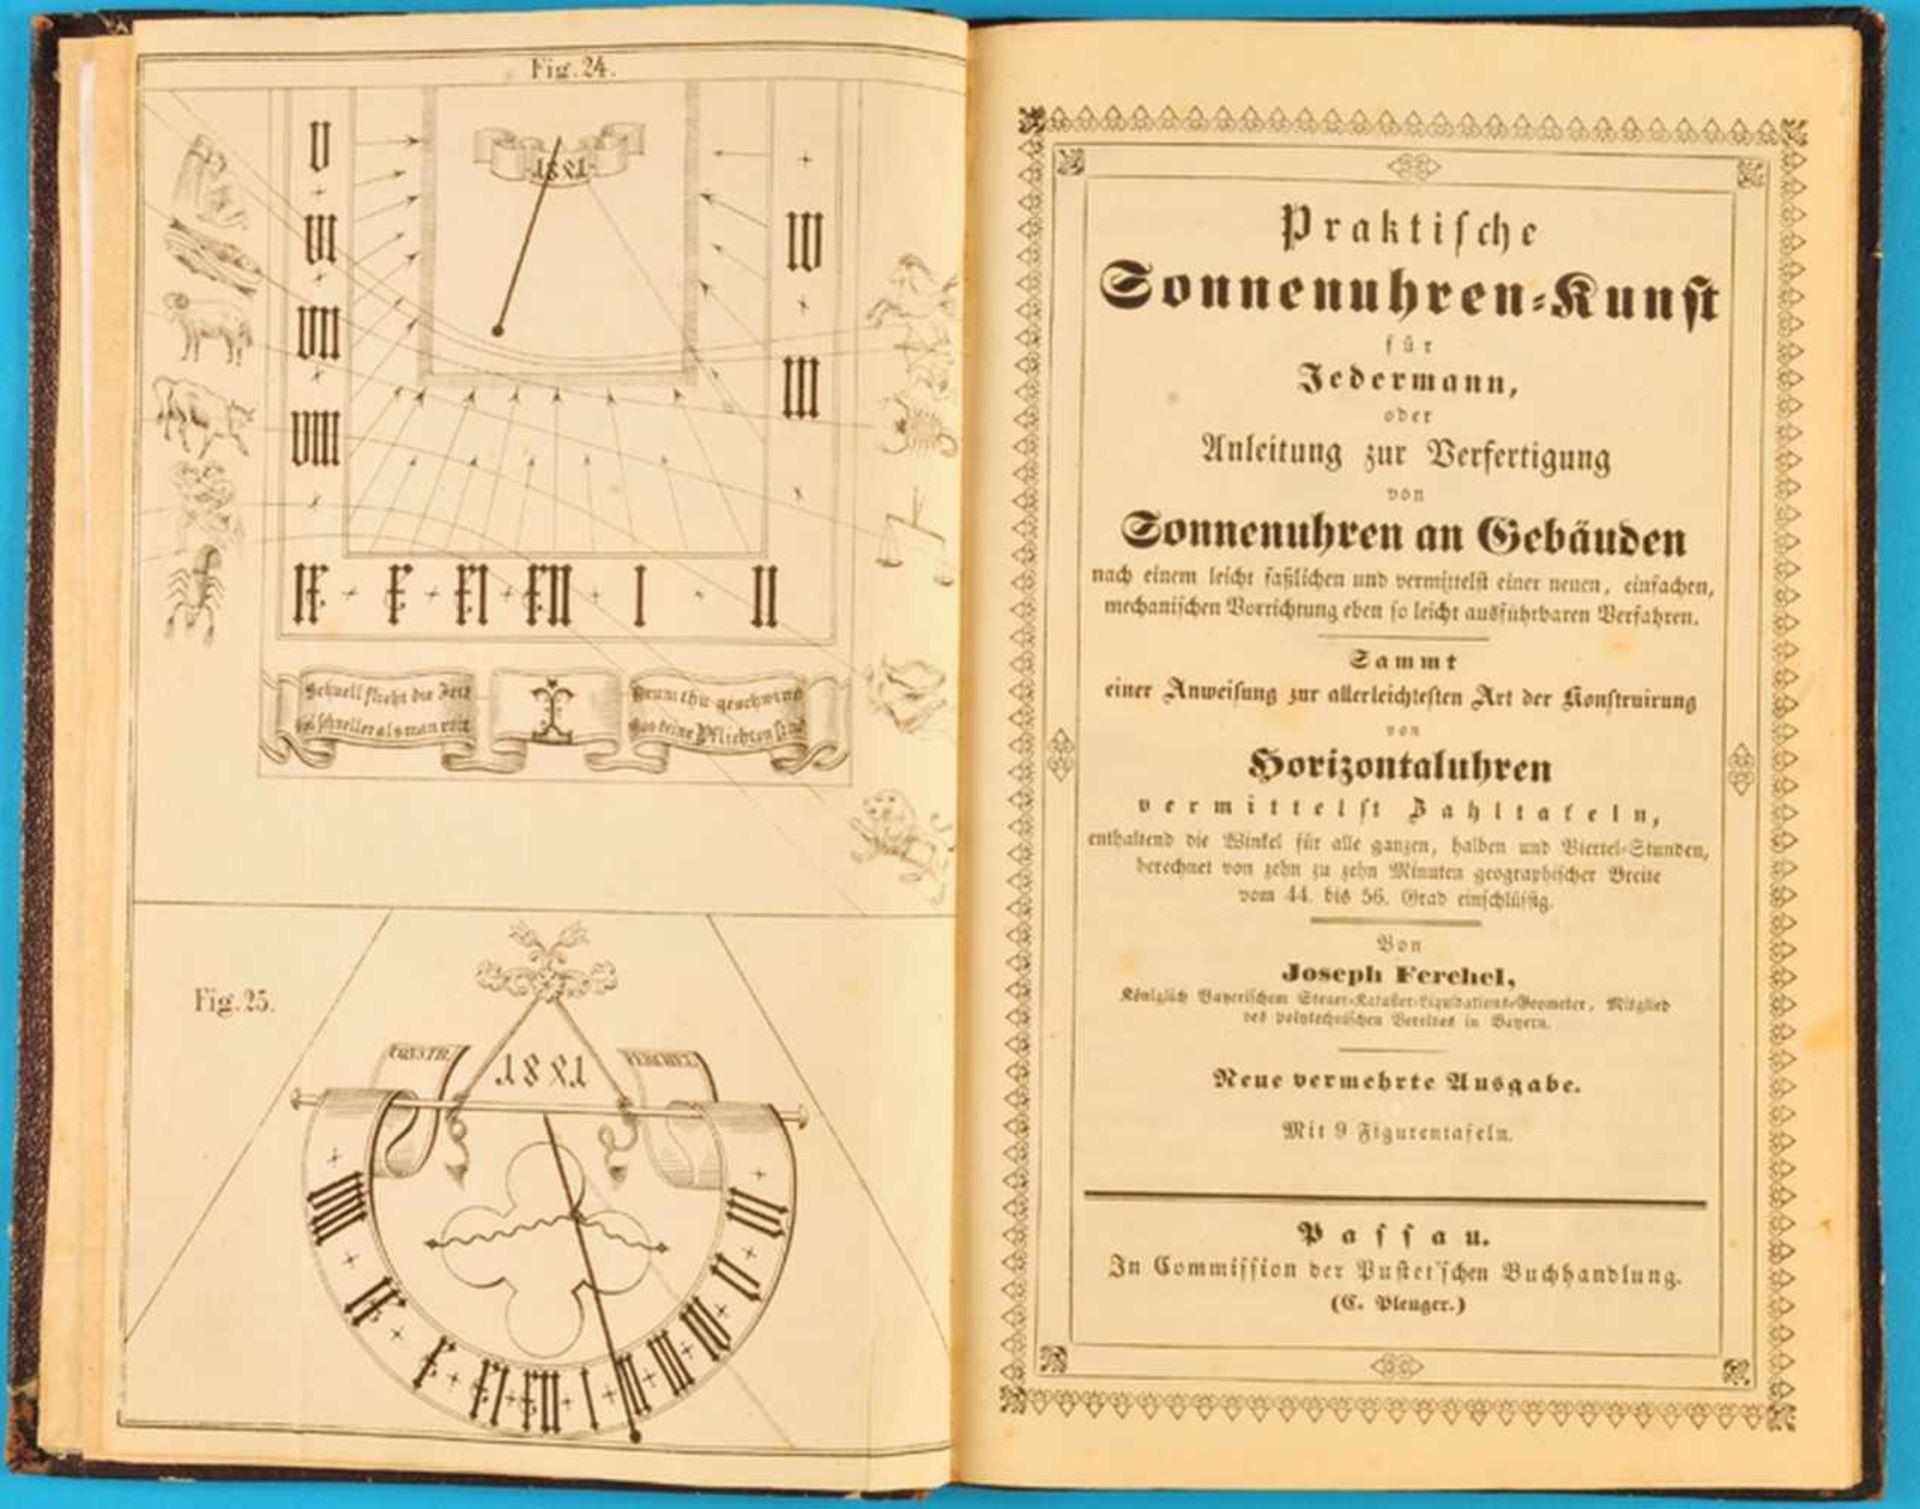 Joseph Ferchel, Praktische Sonnenuhren-Kunst für Jedermann, oder Anleitung zur Verfertigung von